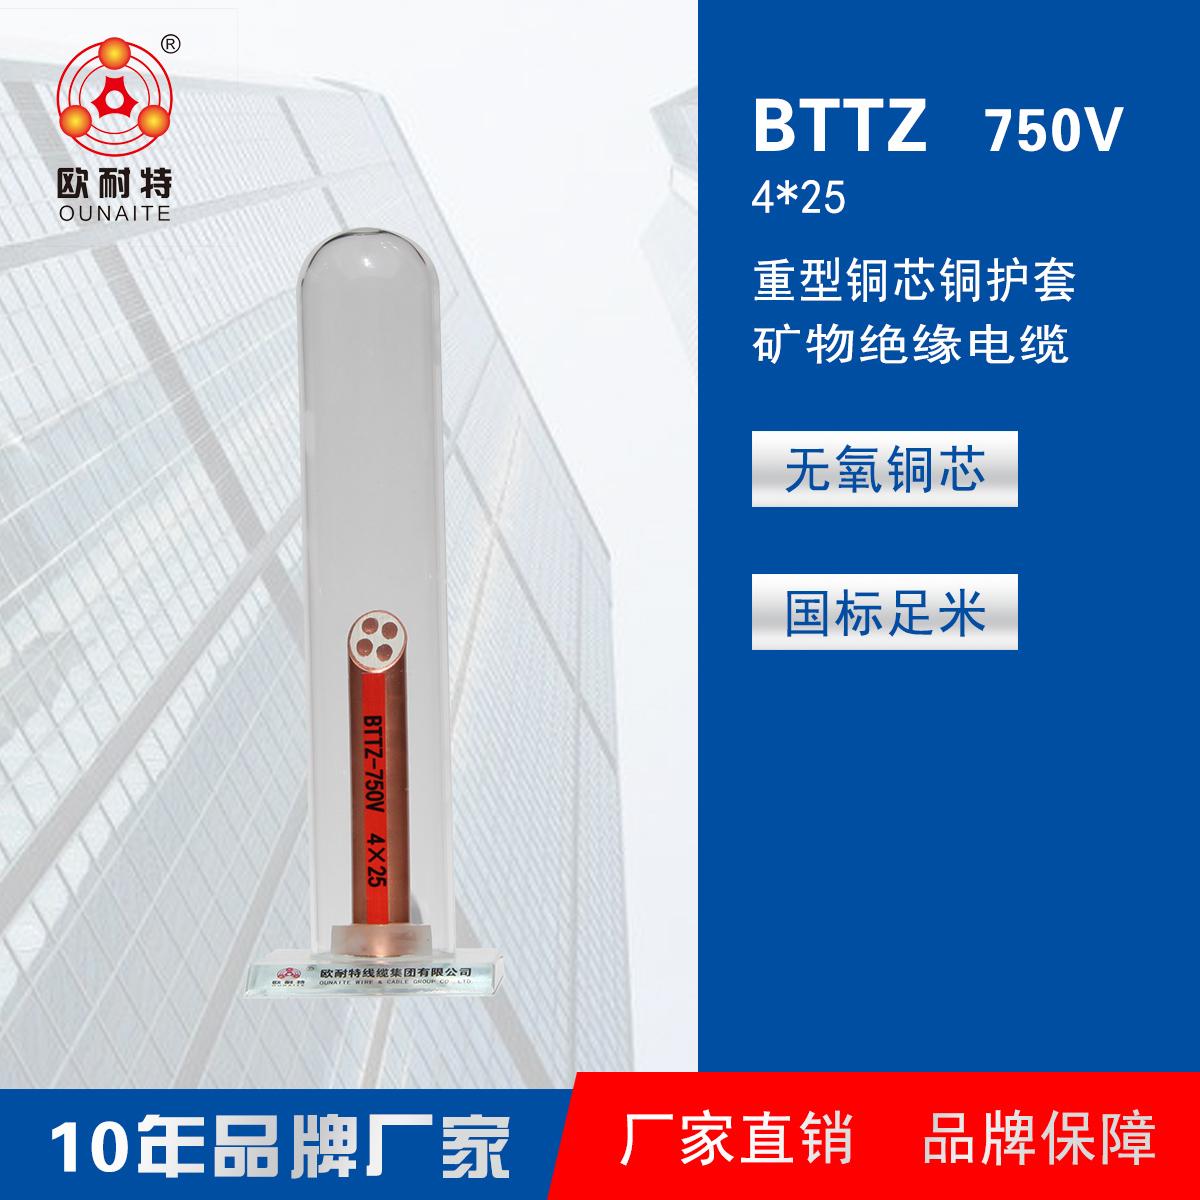 矿物绝缘电缆BTTZ 750V 4*25